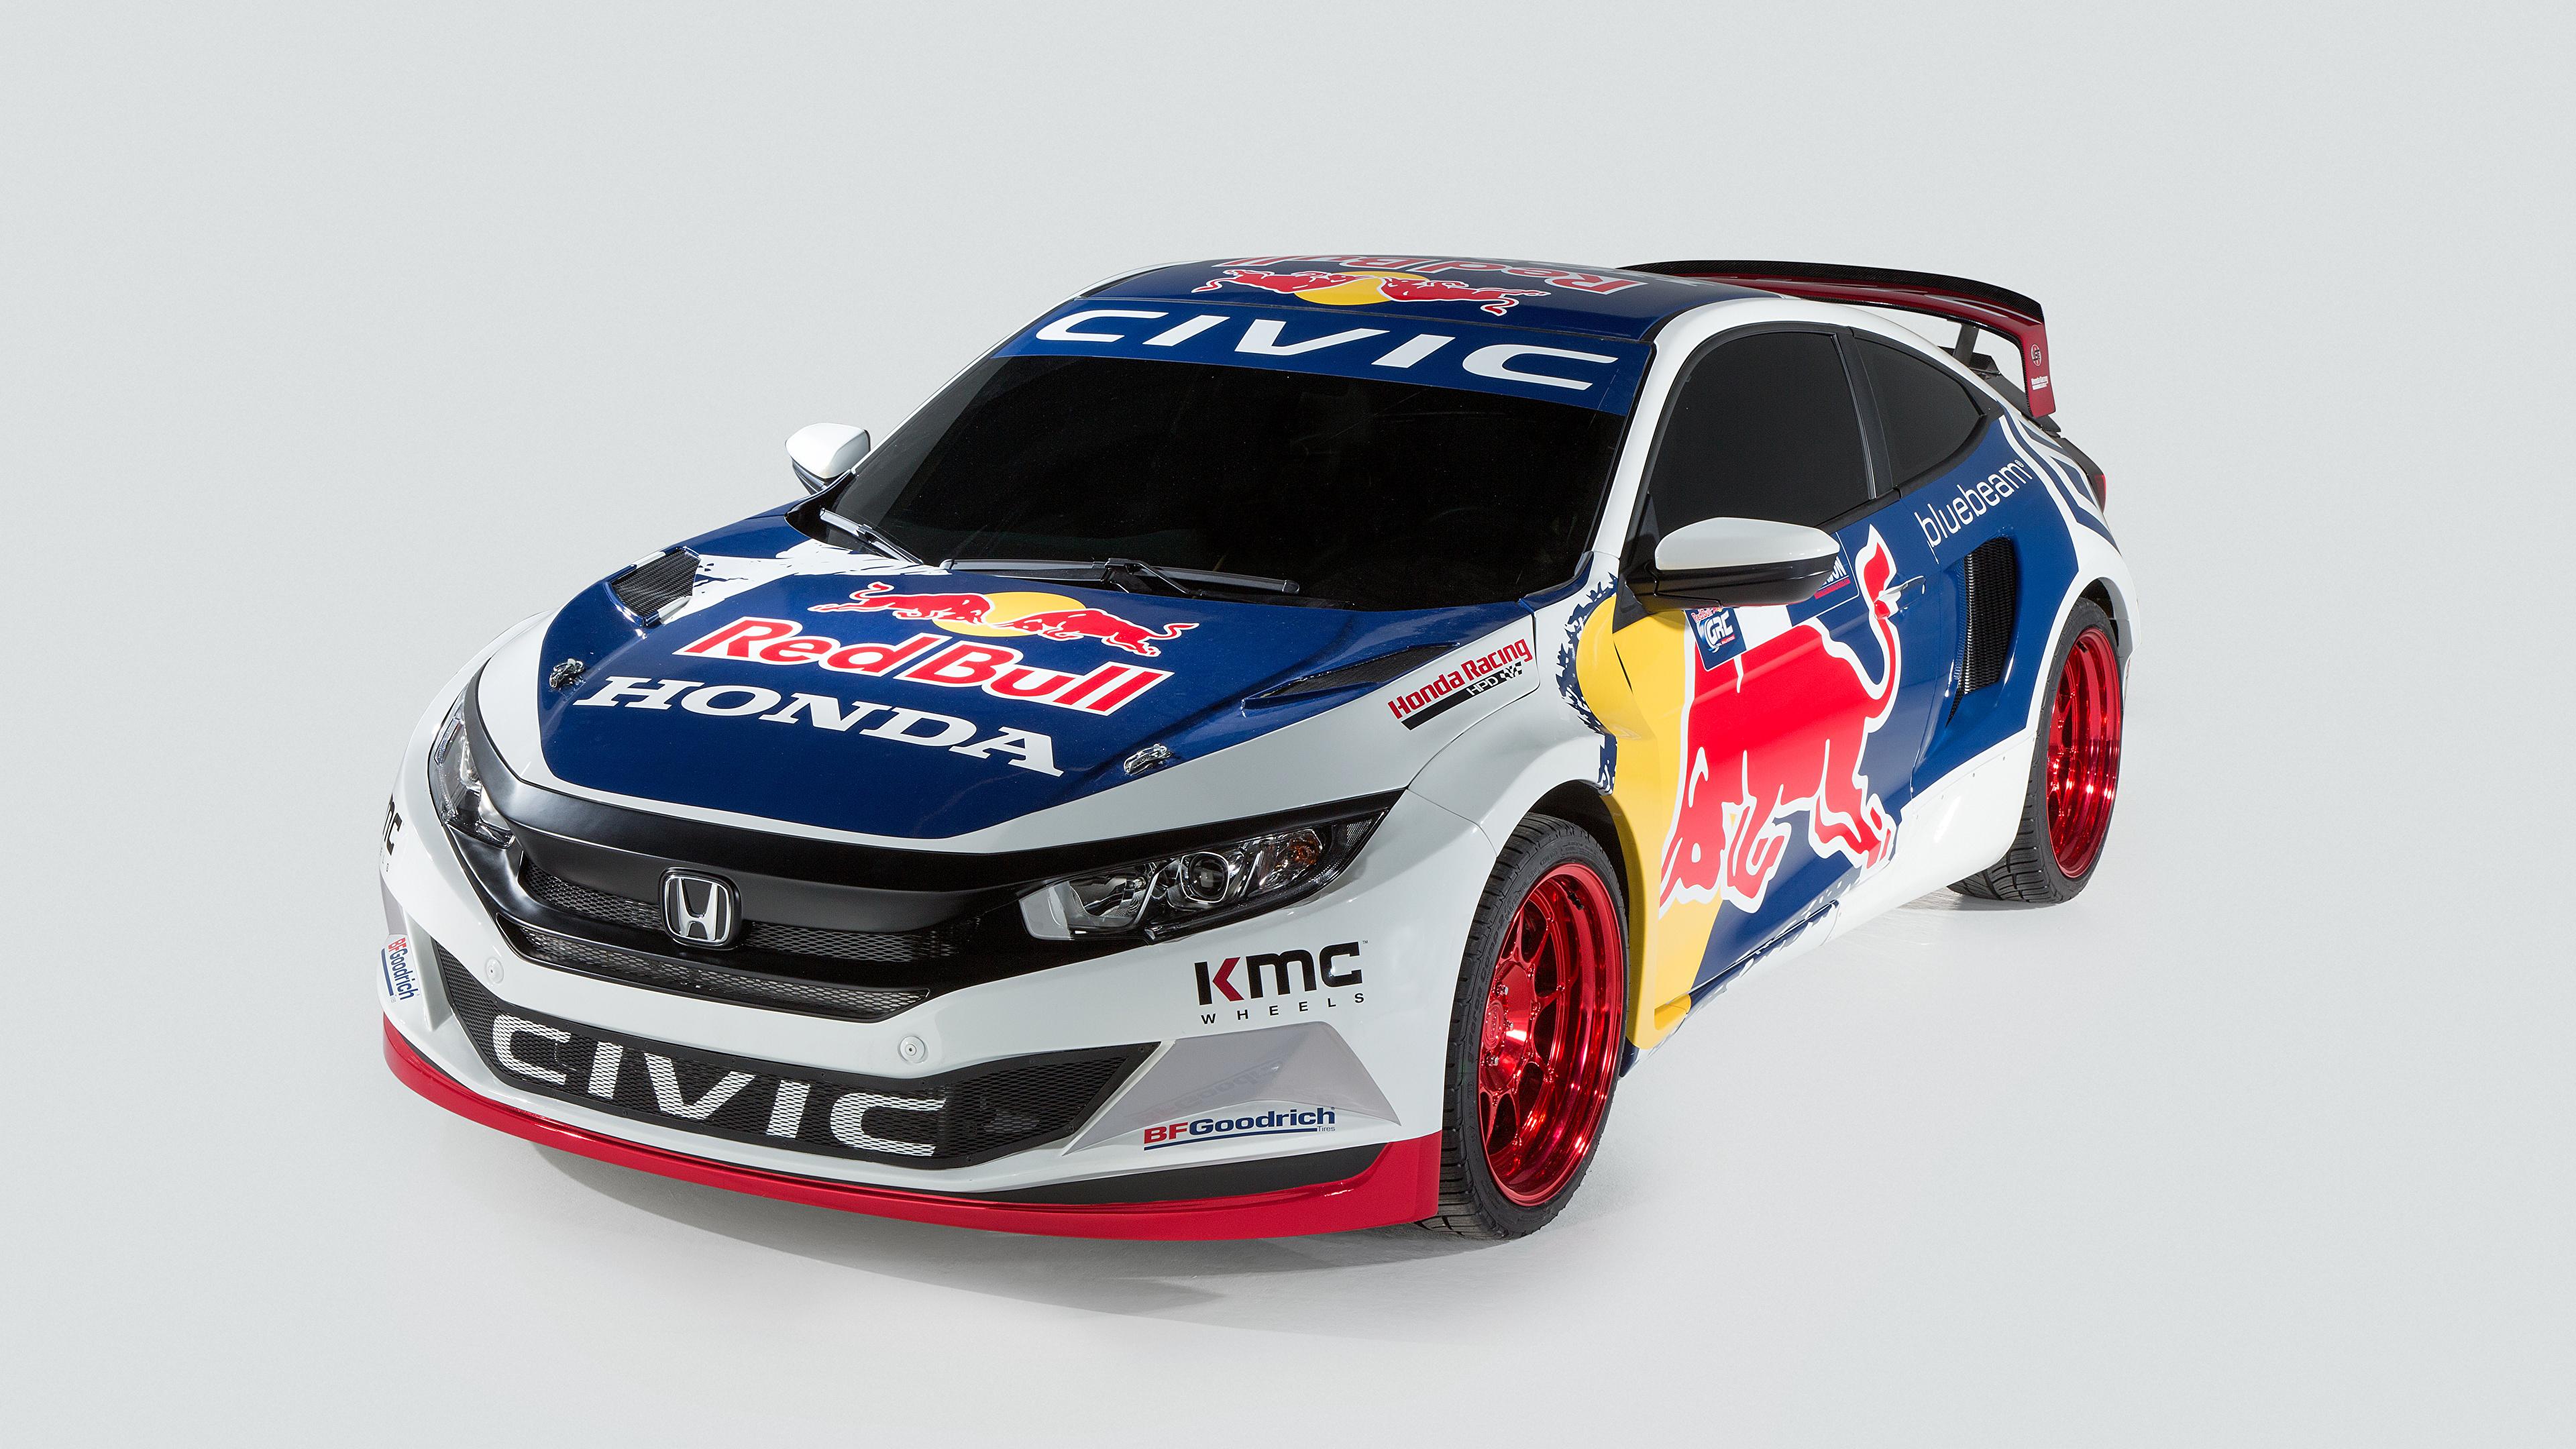 Papeis De Parede 3840x2160 Honda Tuning 2016 Civic Coupe Rallycross Fundo Cinza Rali Carros Baixar Imagens